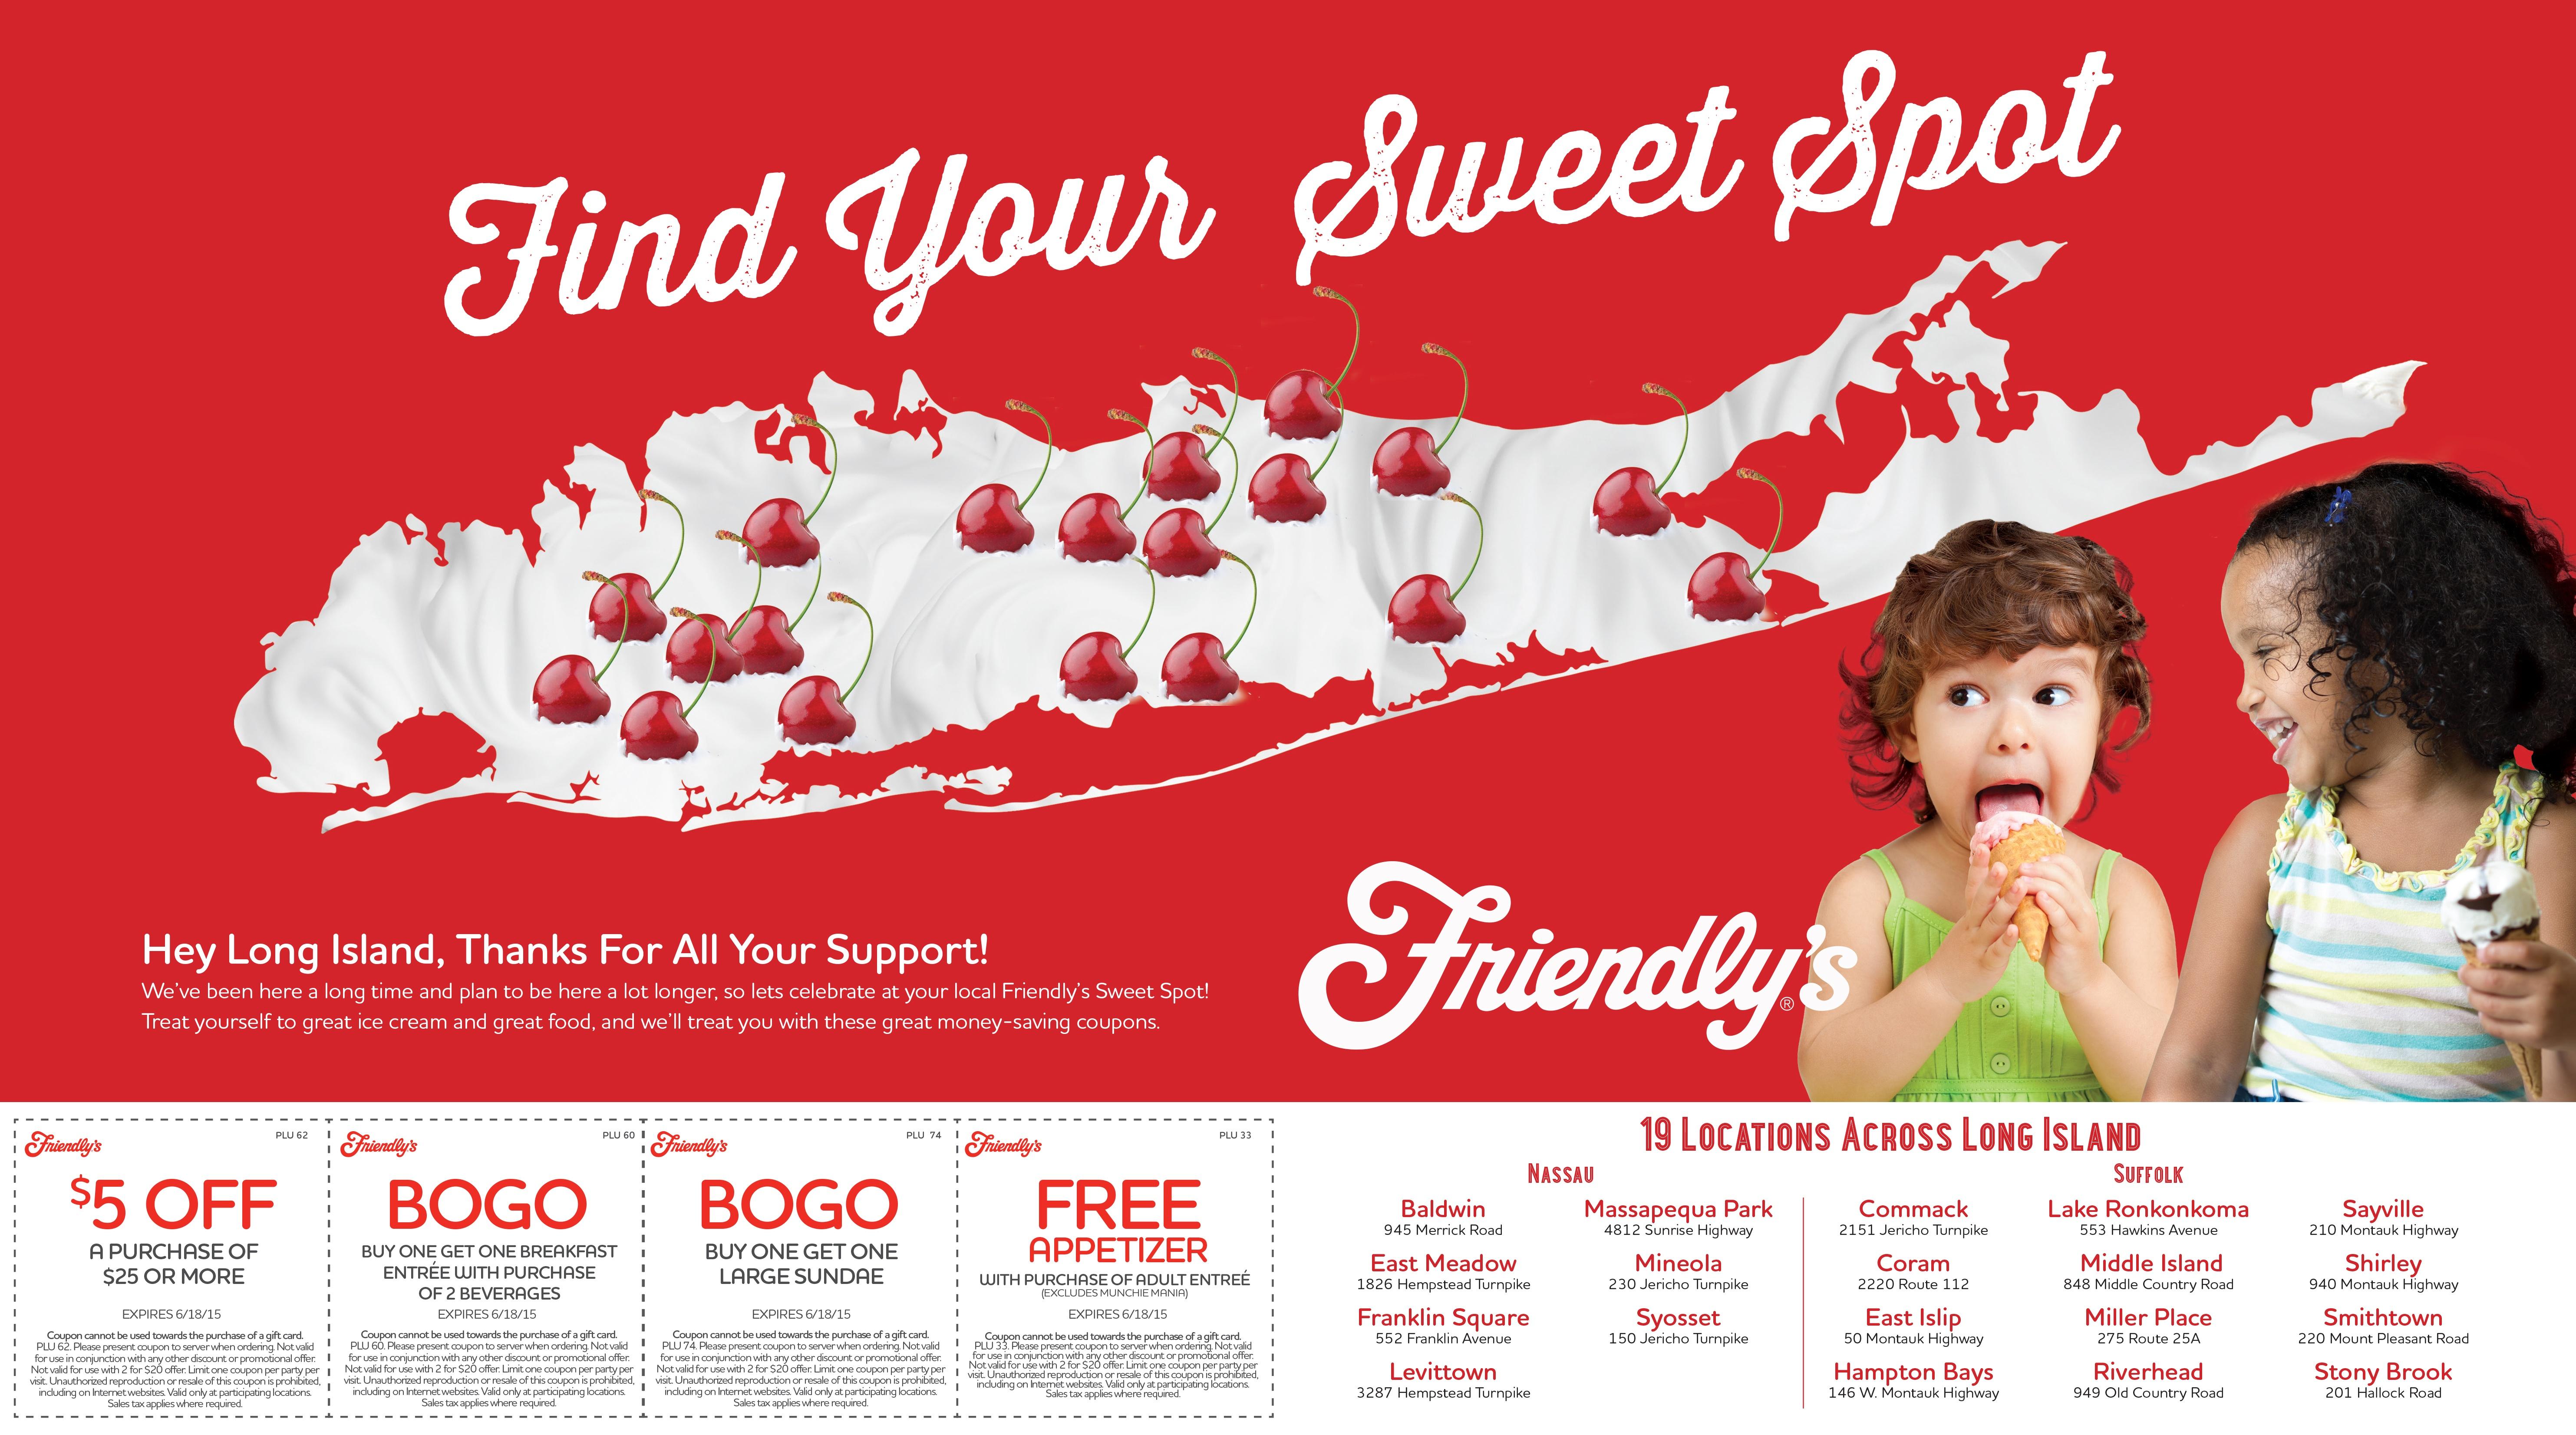 JBRES-13508_FR3_SweetSpot_HQ.jpg